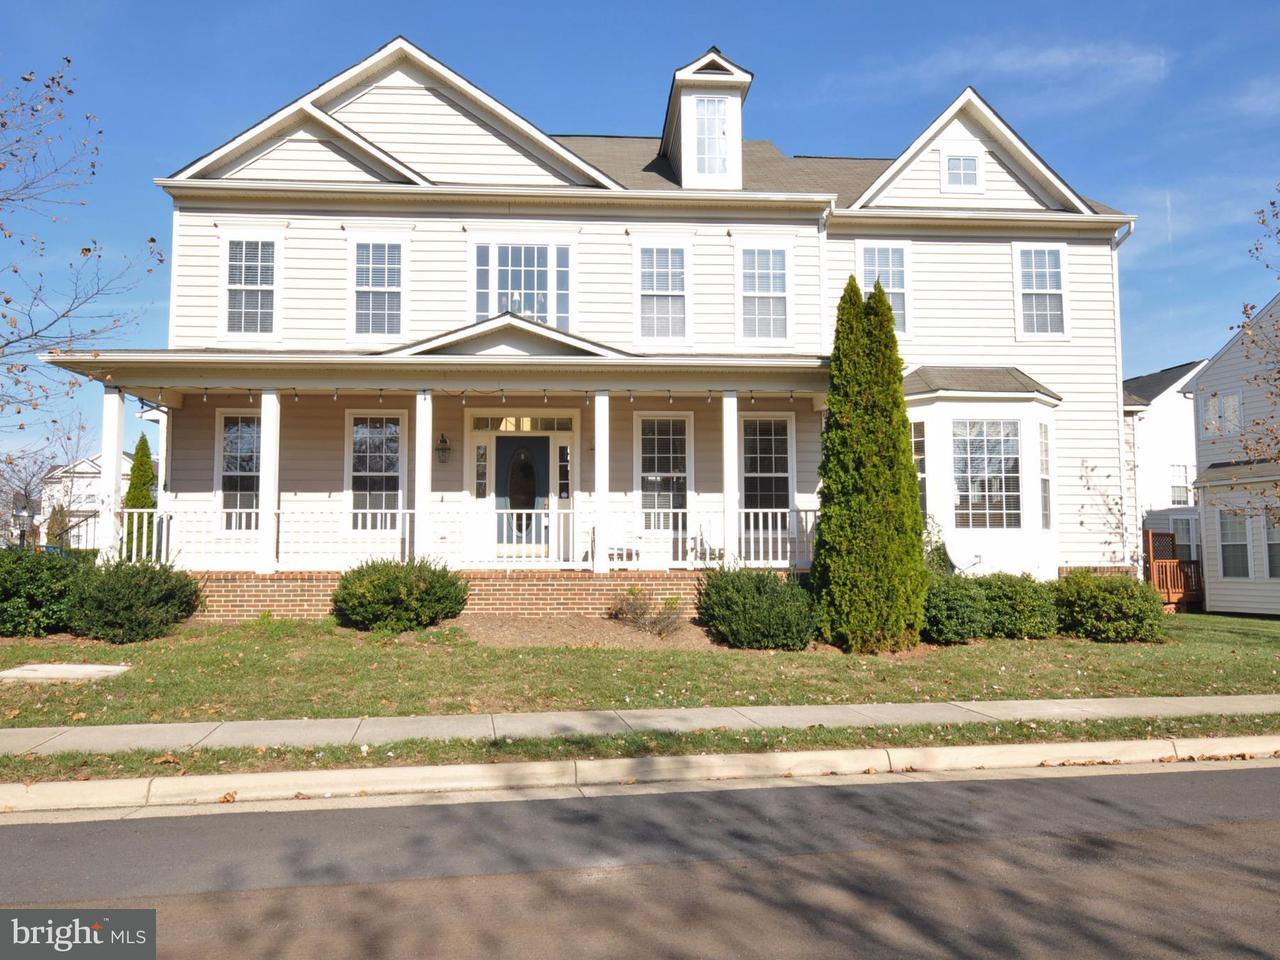 Частный односемейный дом для того Продажа на 43206 ARBOR GREENE WAY 43206 ARBOR GREENE WAY Broadlands, Виргиния 20148 Соединенные Штаты